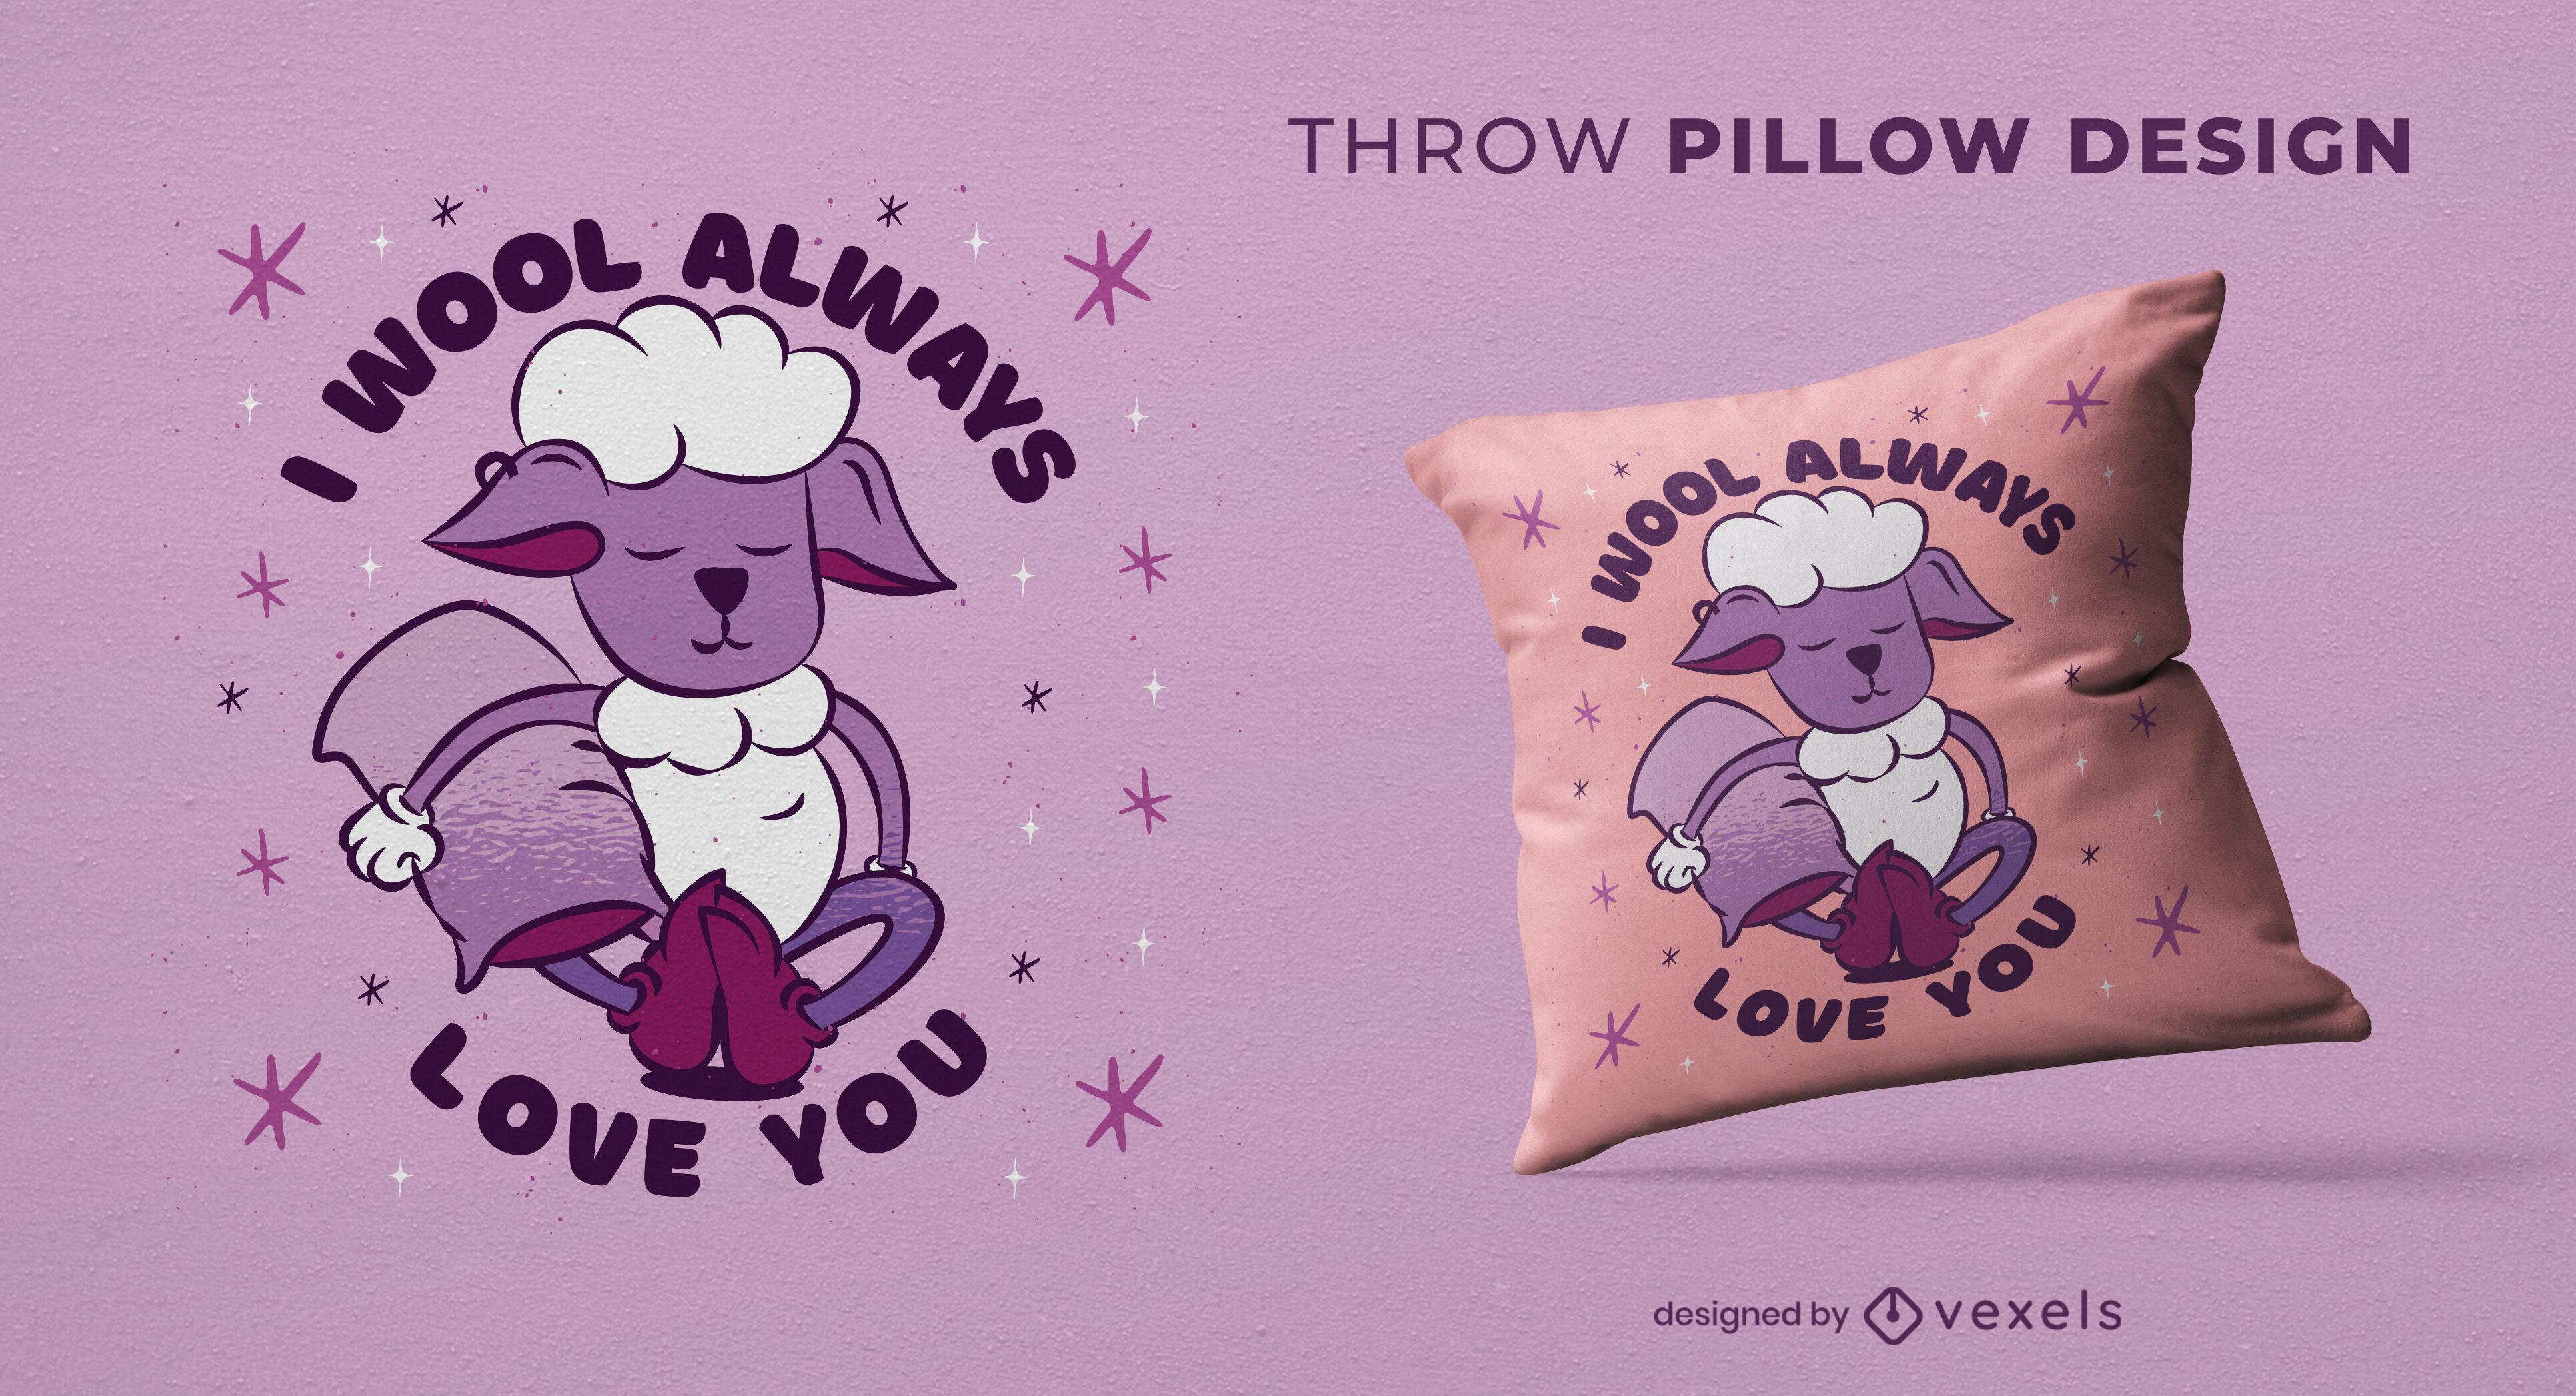 Sheep animal pun throw pillow design